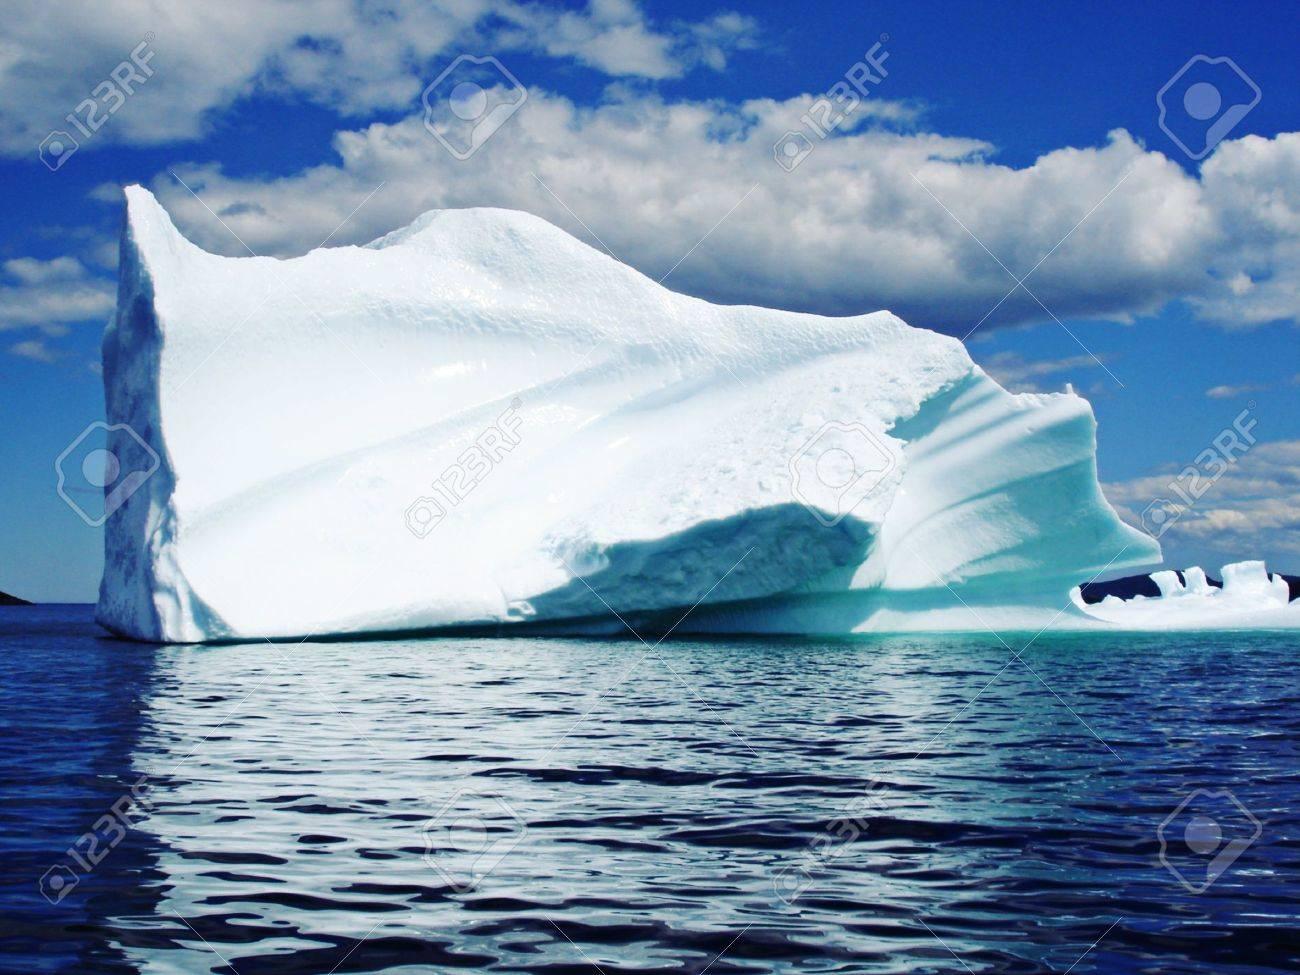 Ice Berg in Ocean off Newfoundland - 6354371